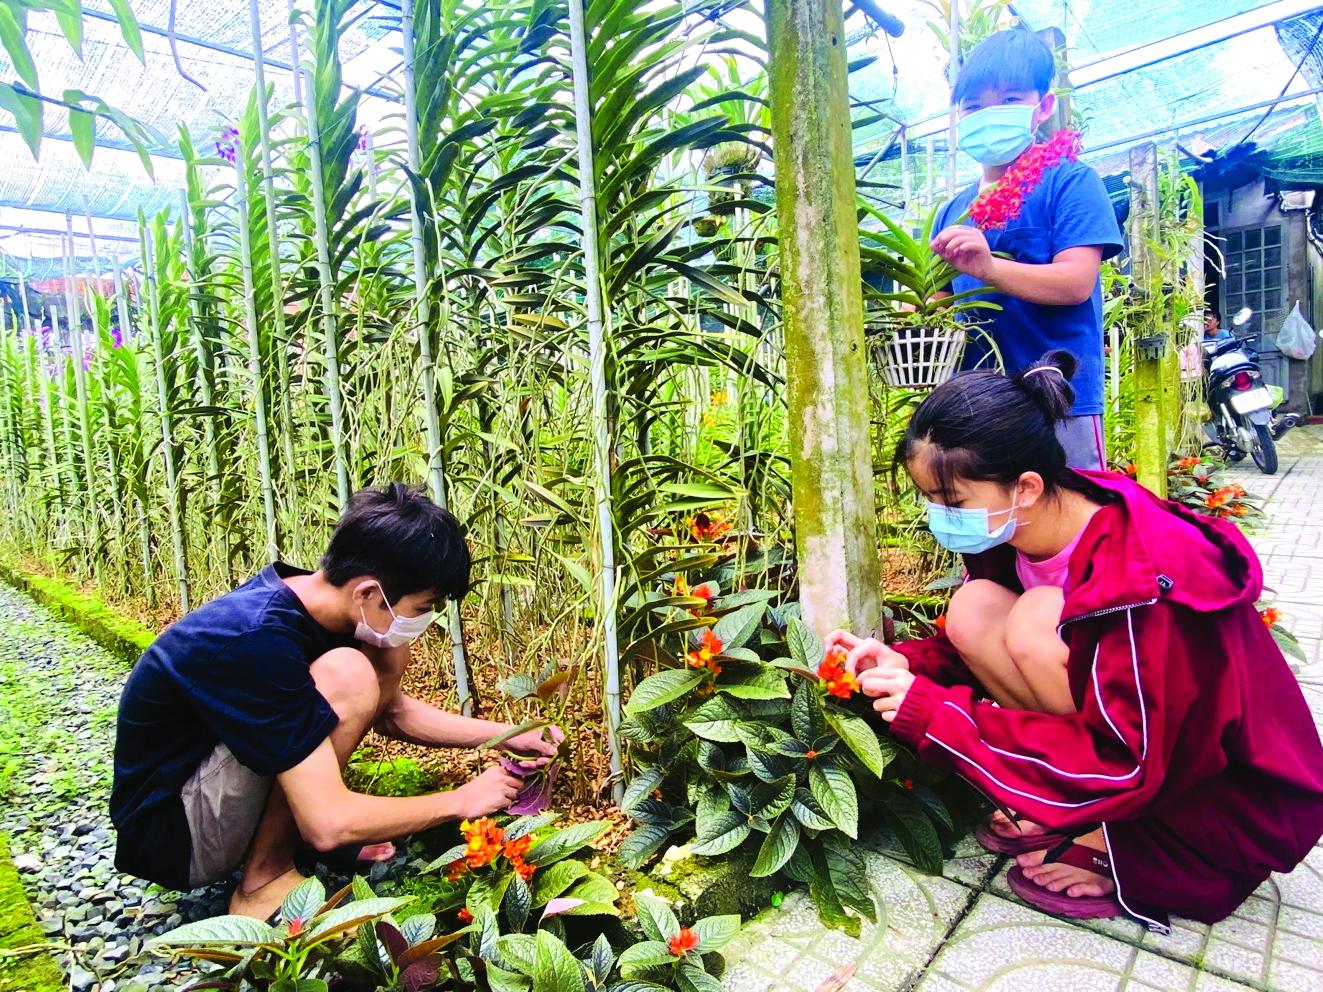 Trẻ được phụ huynh chỉ dẫn cách chăm sóc cây cảnh trong vườn nhà ẢNH: NGUYỄN VĂN CẢI